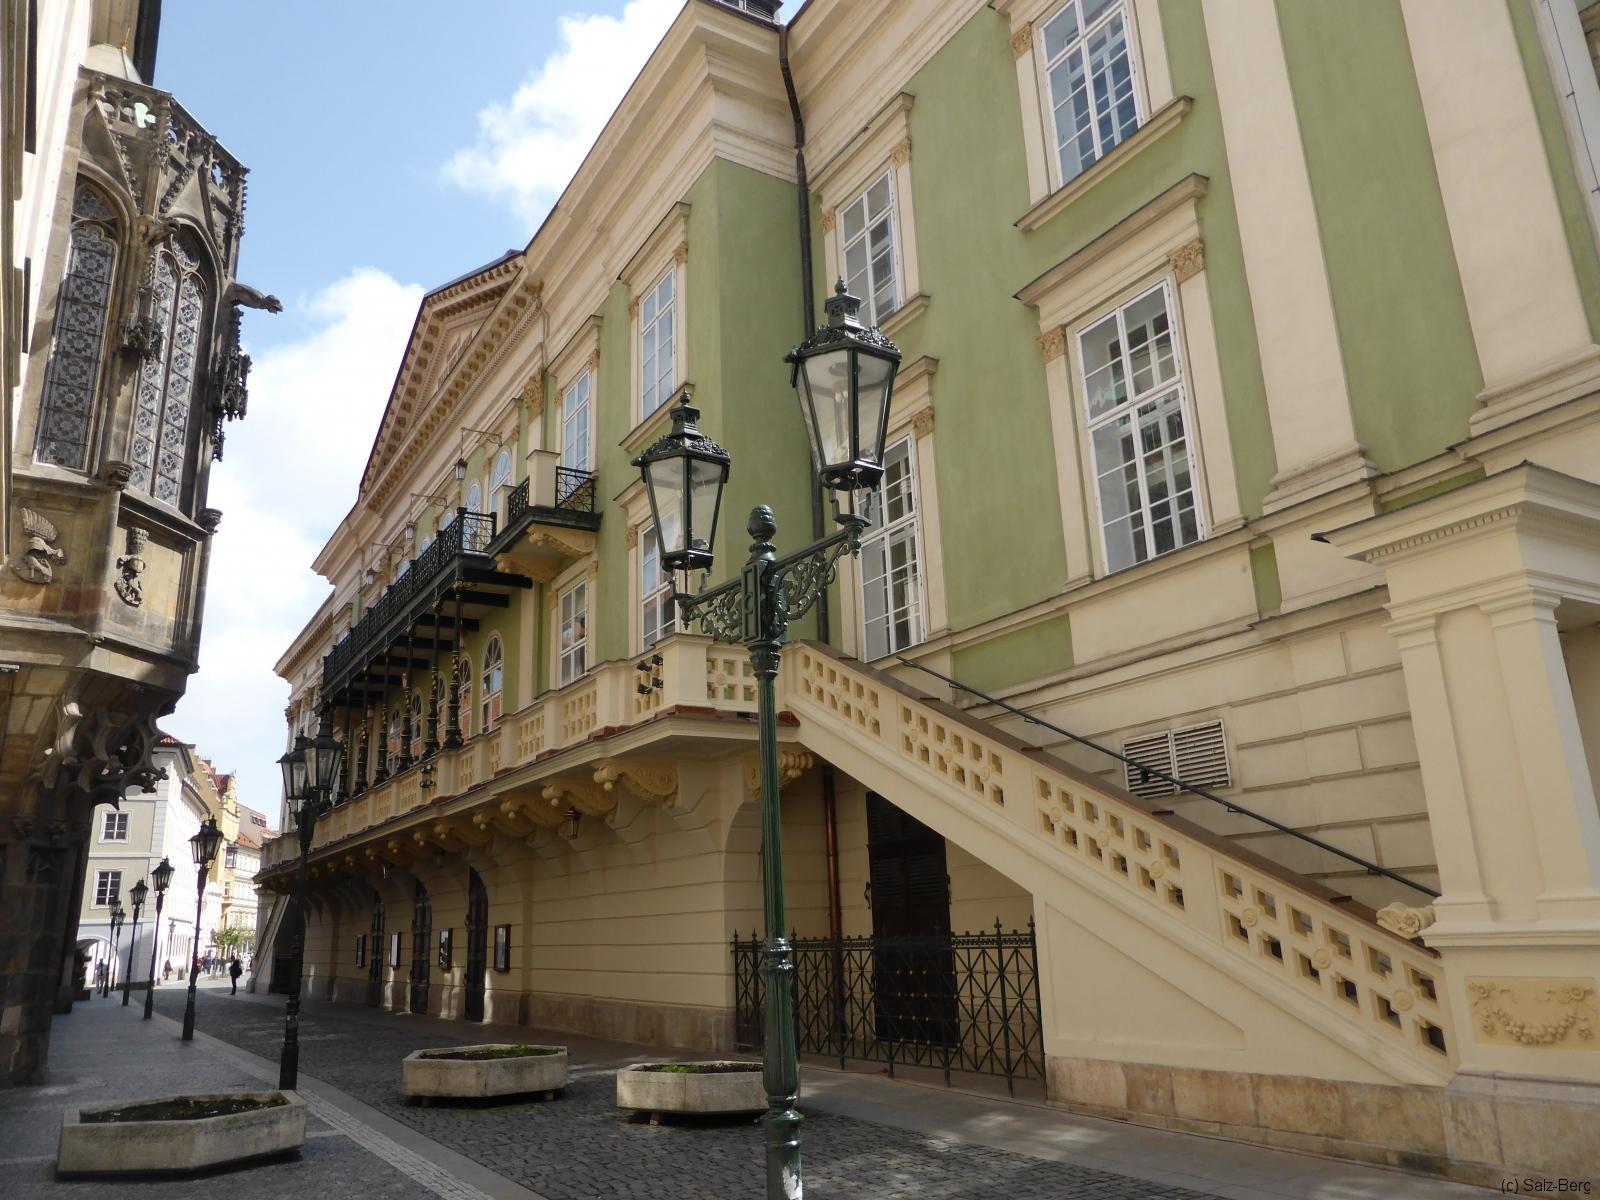 261-Prag-P1070920